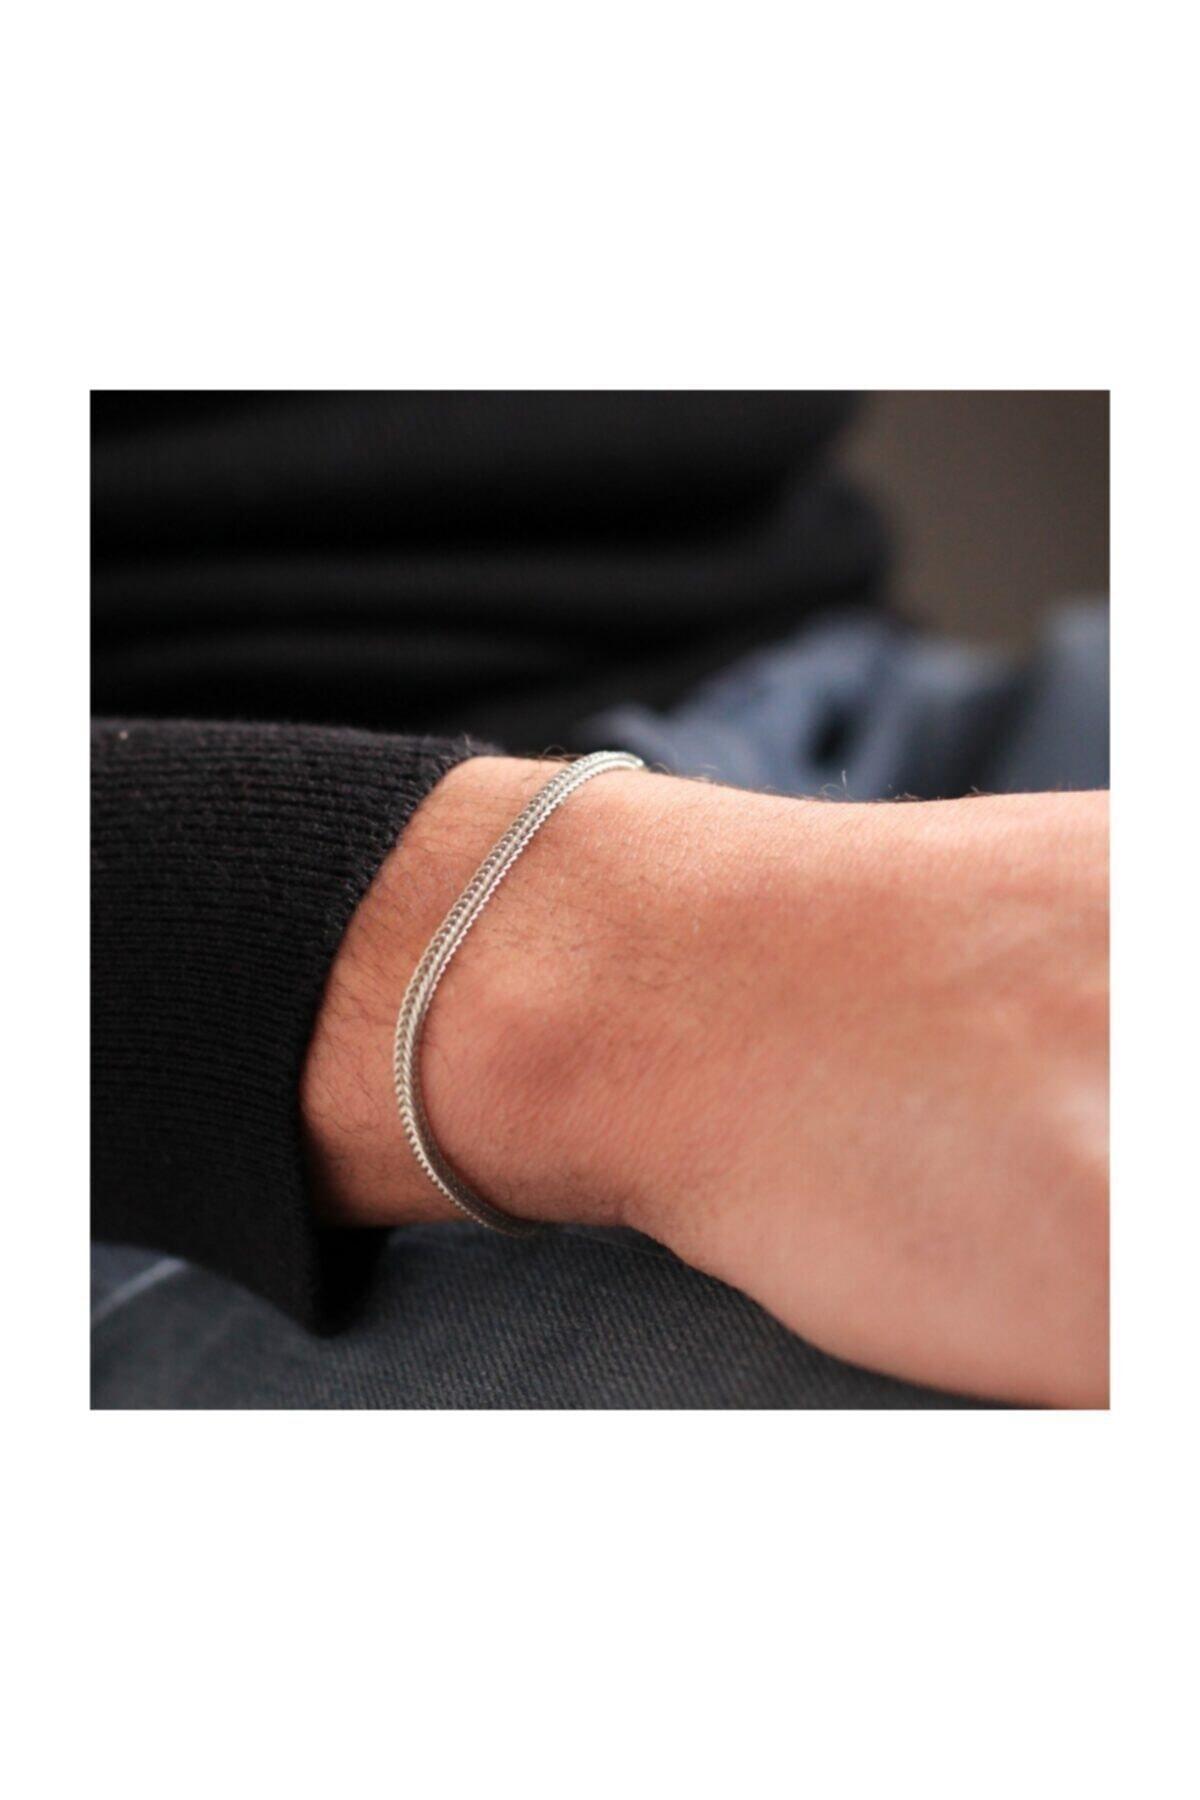 X-Lady Accessories Tilki Kuyruğu Gümüş Renk Çelik Erkek Bileklik Künye 1